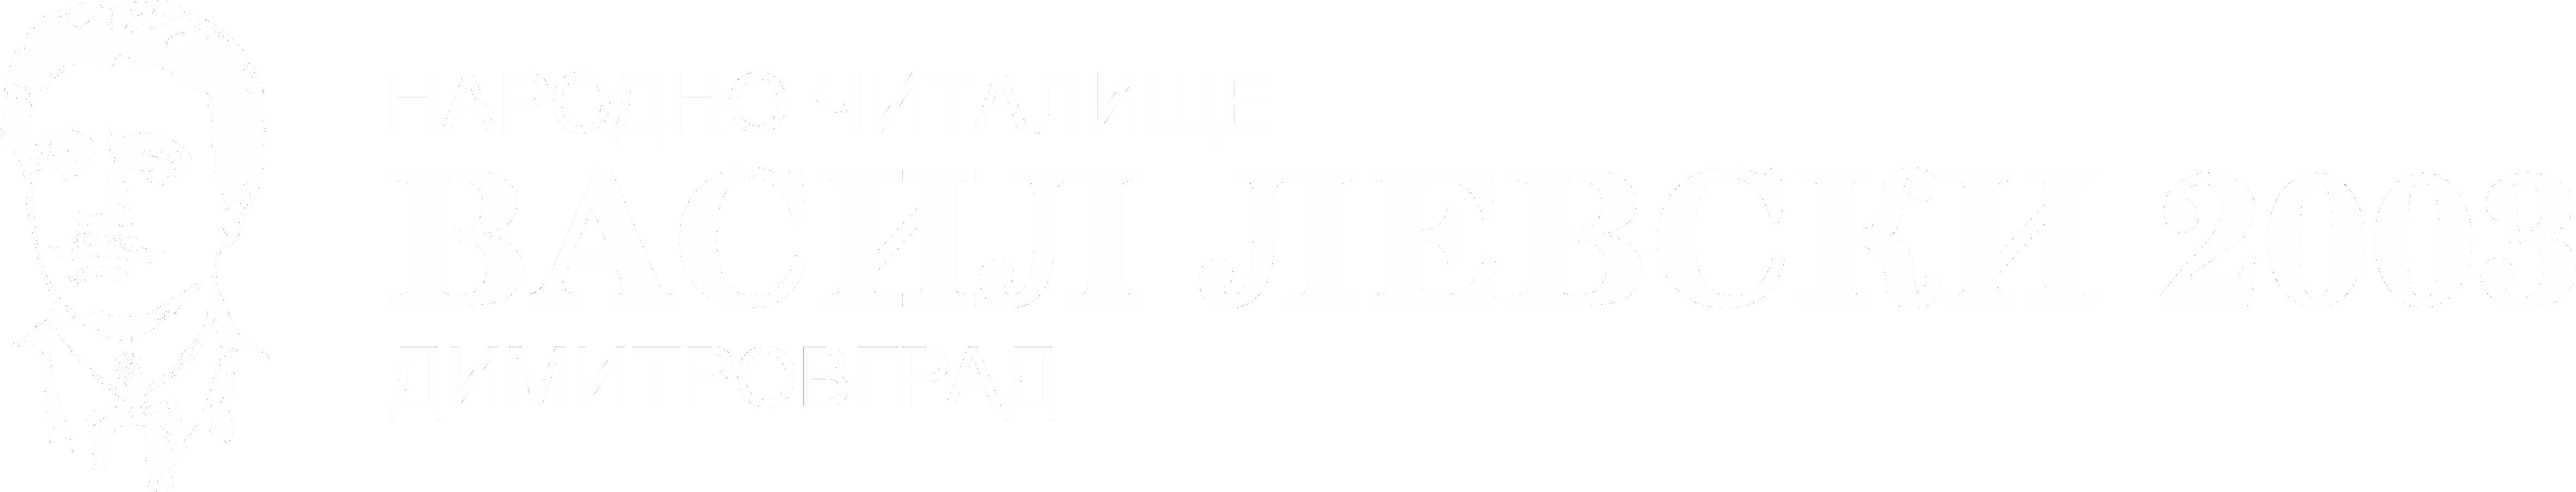 Народно Читалище Васил Левски 2003 – Димитровград